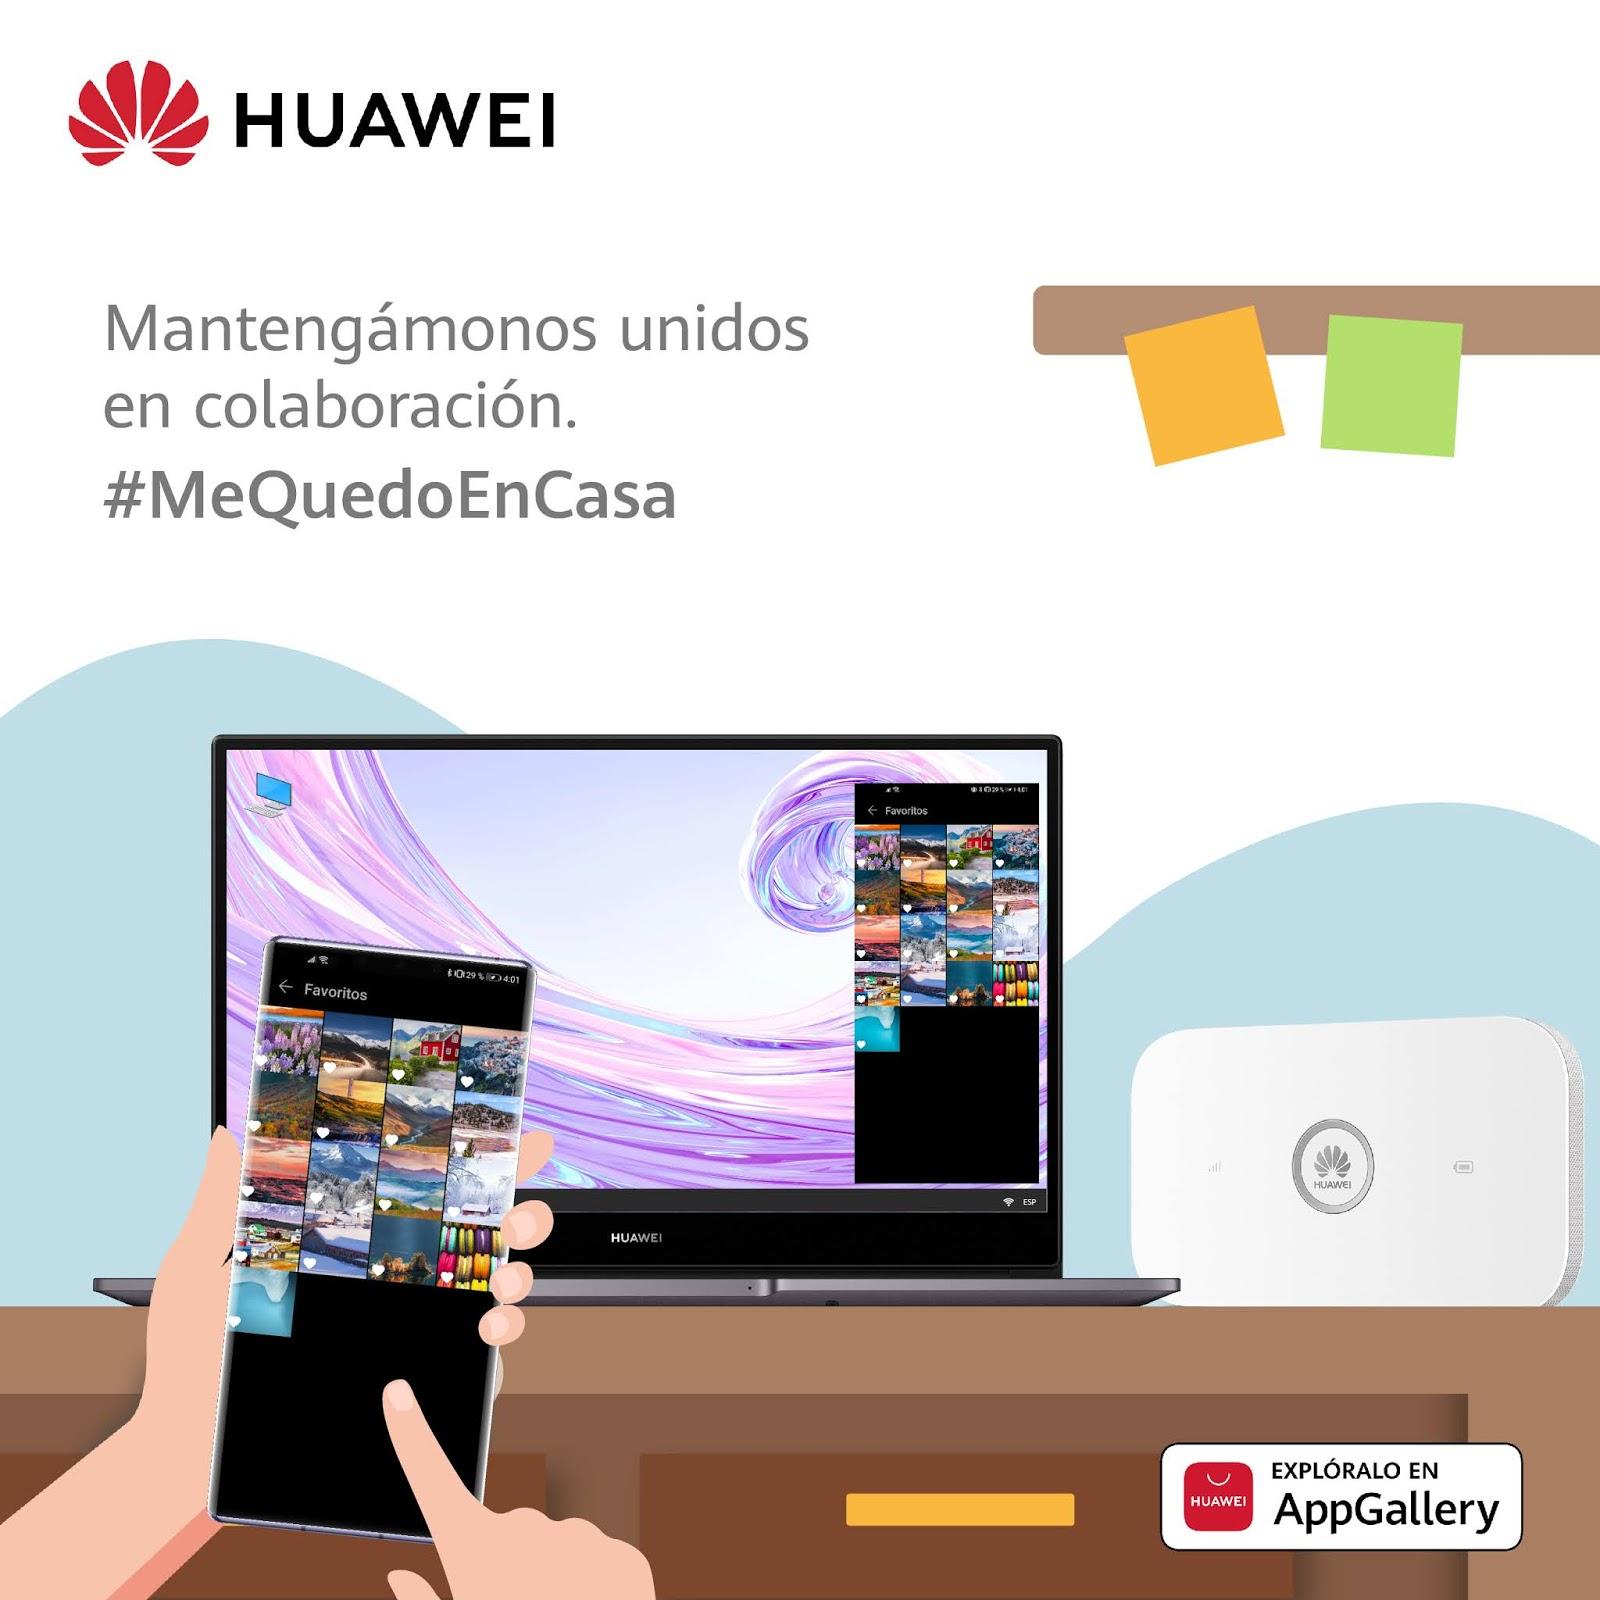 Top 5 de aplicaciones ecuatorianas disponibles en Appgallery